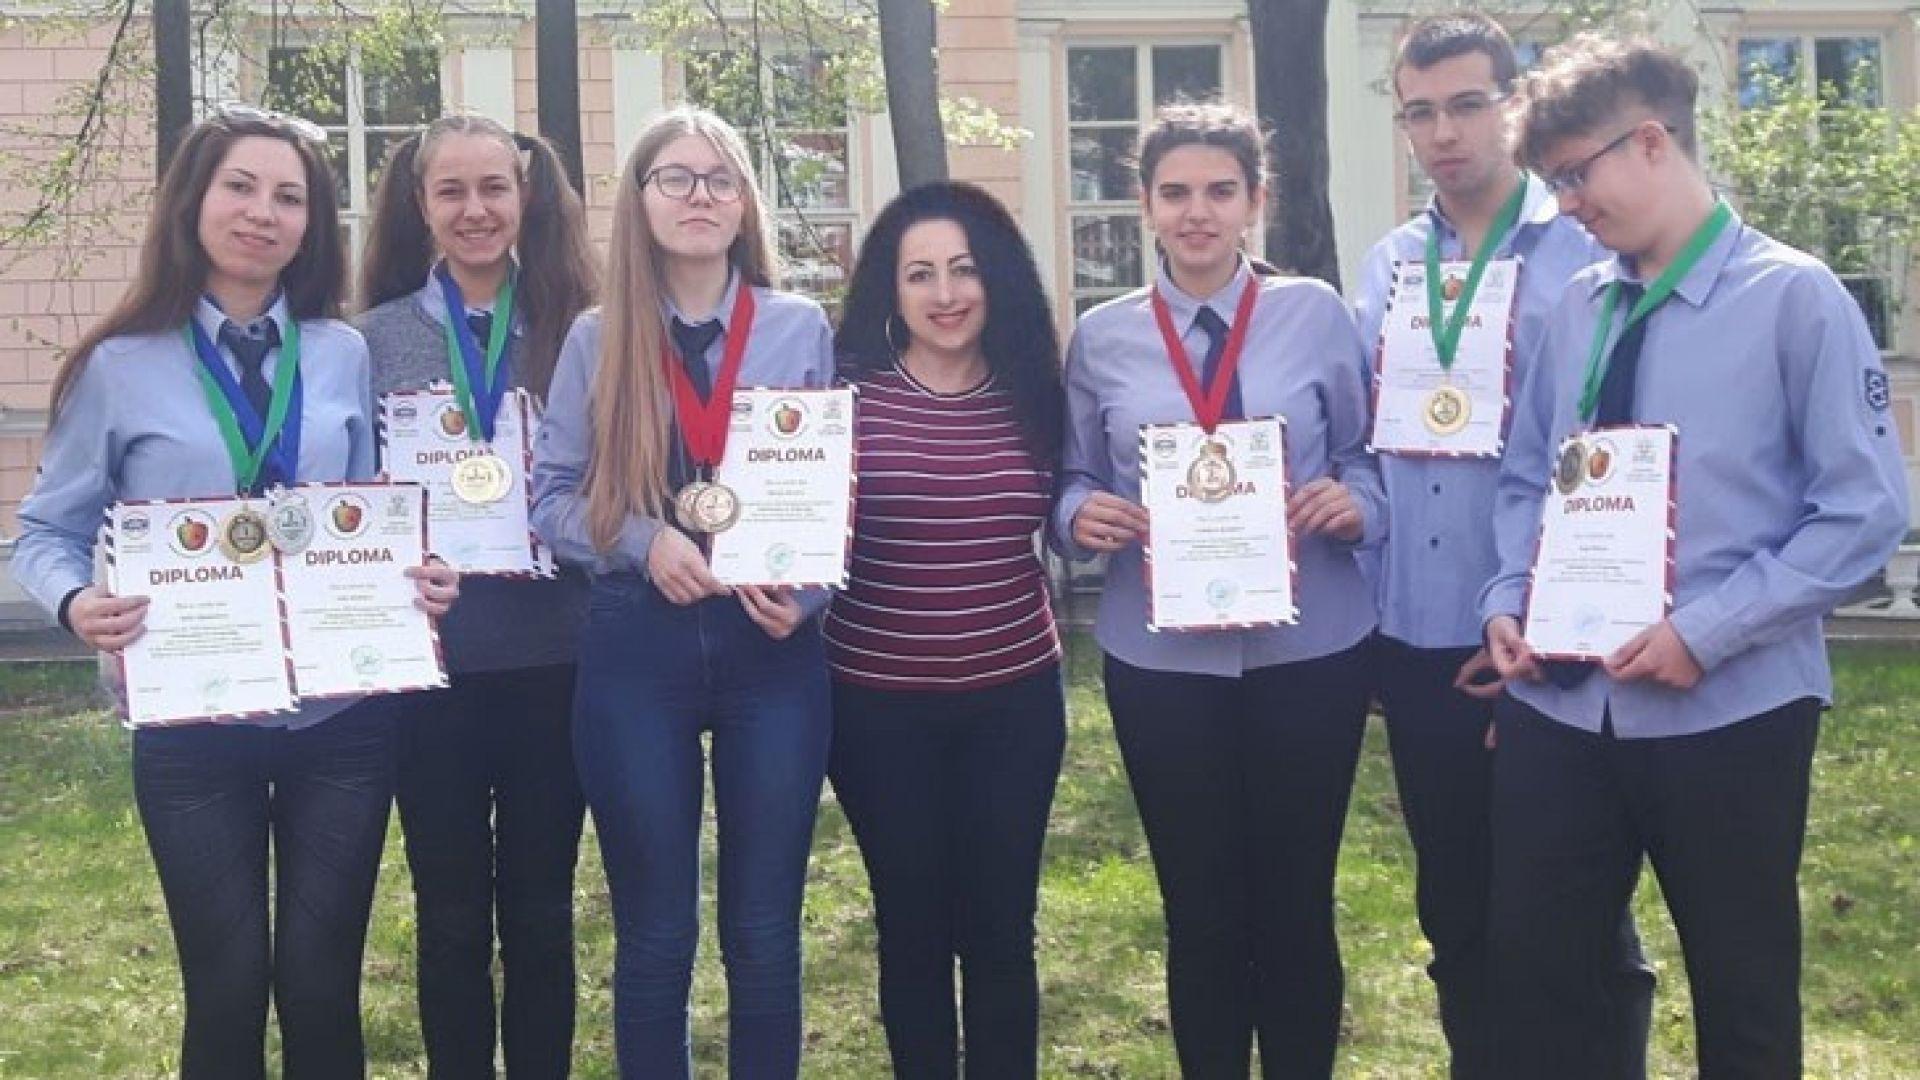 Ученици от Русе се завърнаха с 3 златни медала от конкурс по математика в Москва